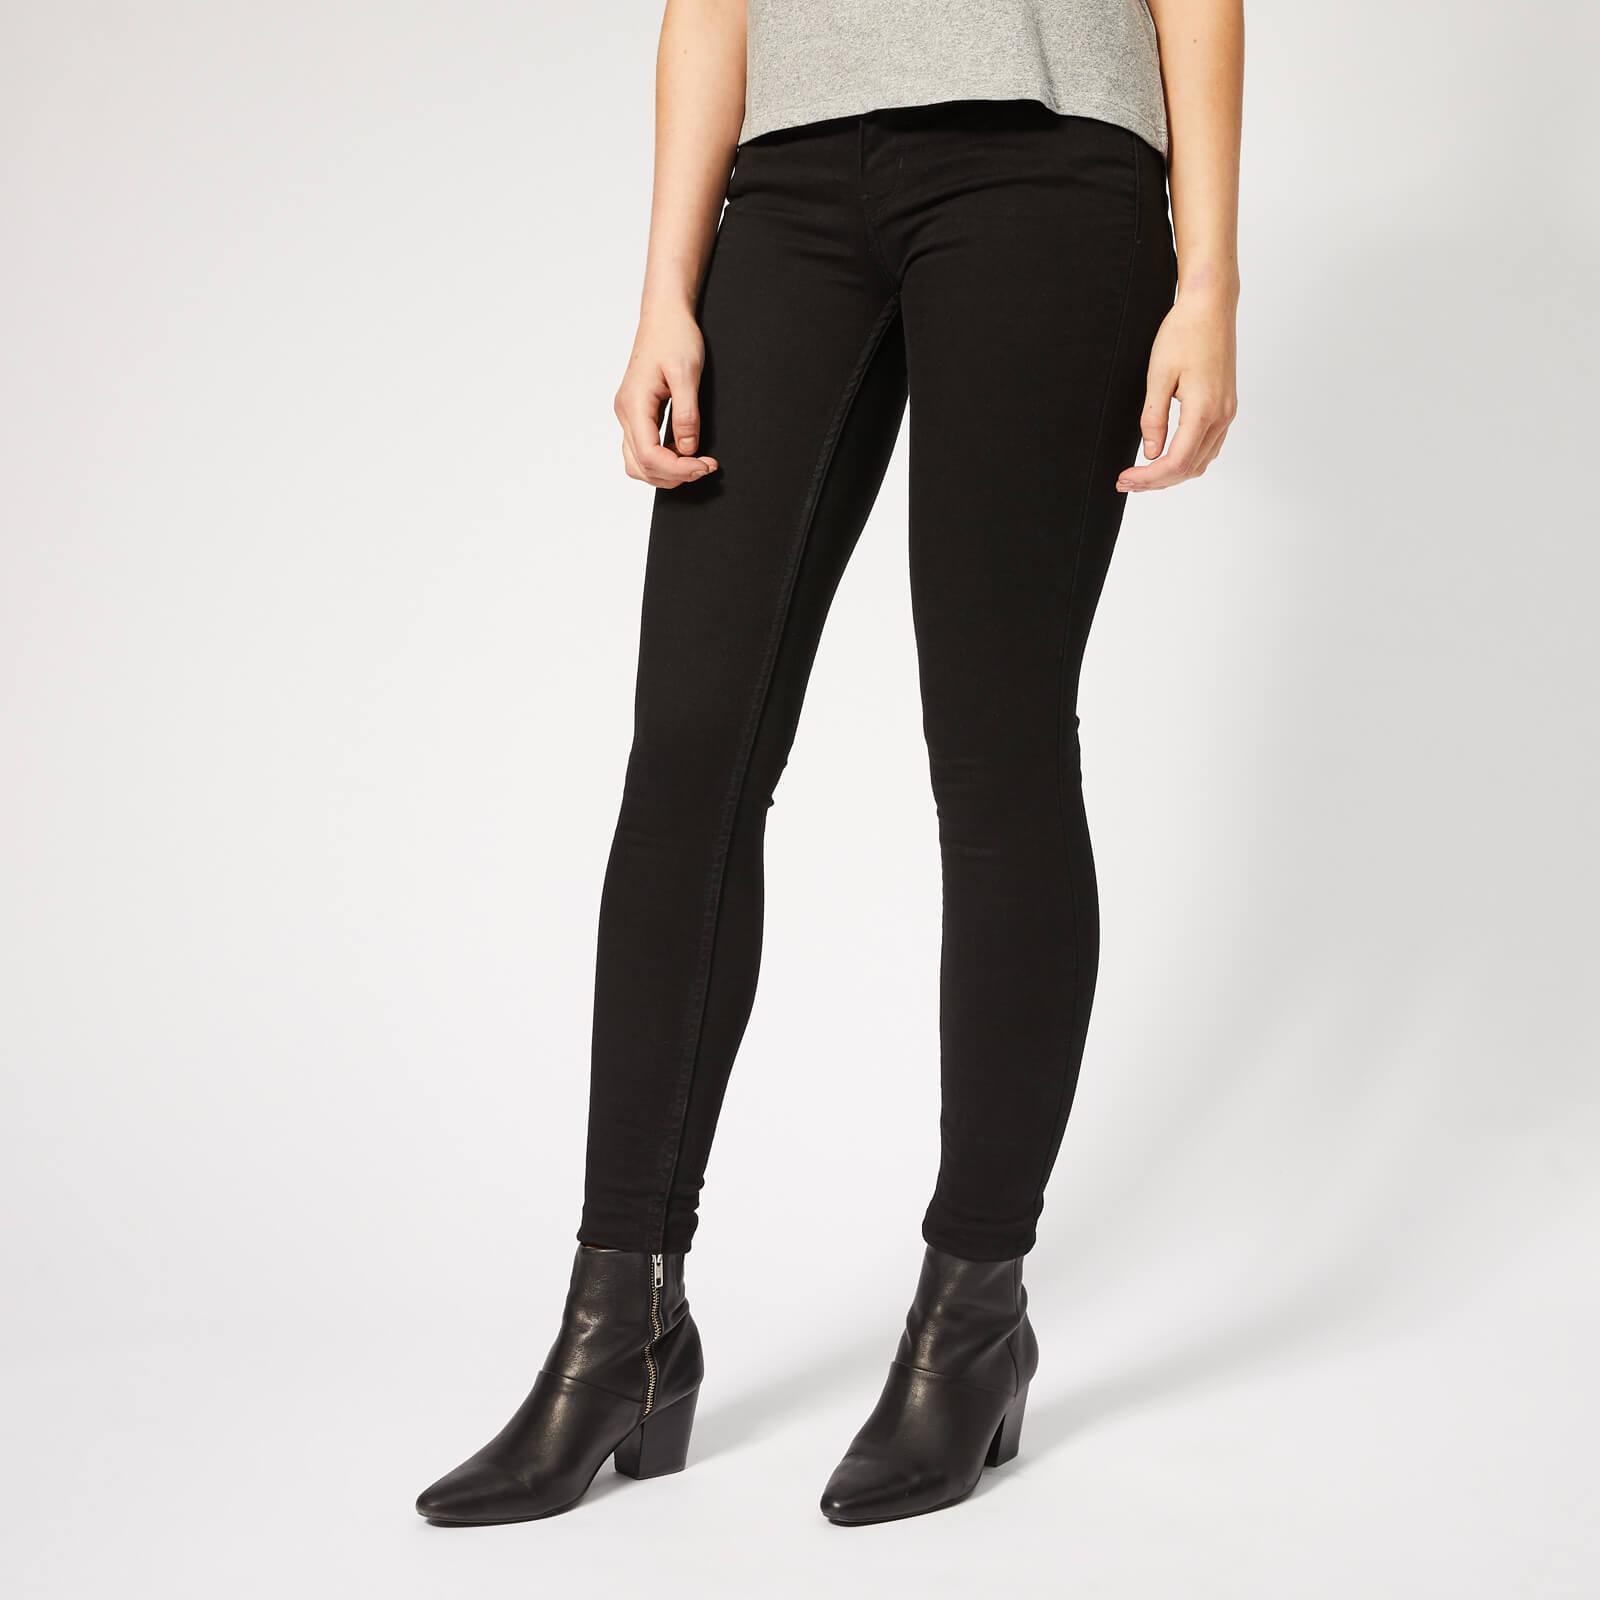 Levi's s Innovation Super Skinny Jeans - Black Galaxy - W26/L32